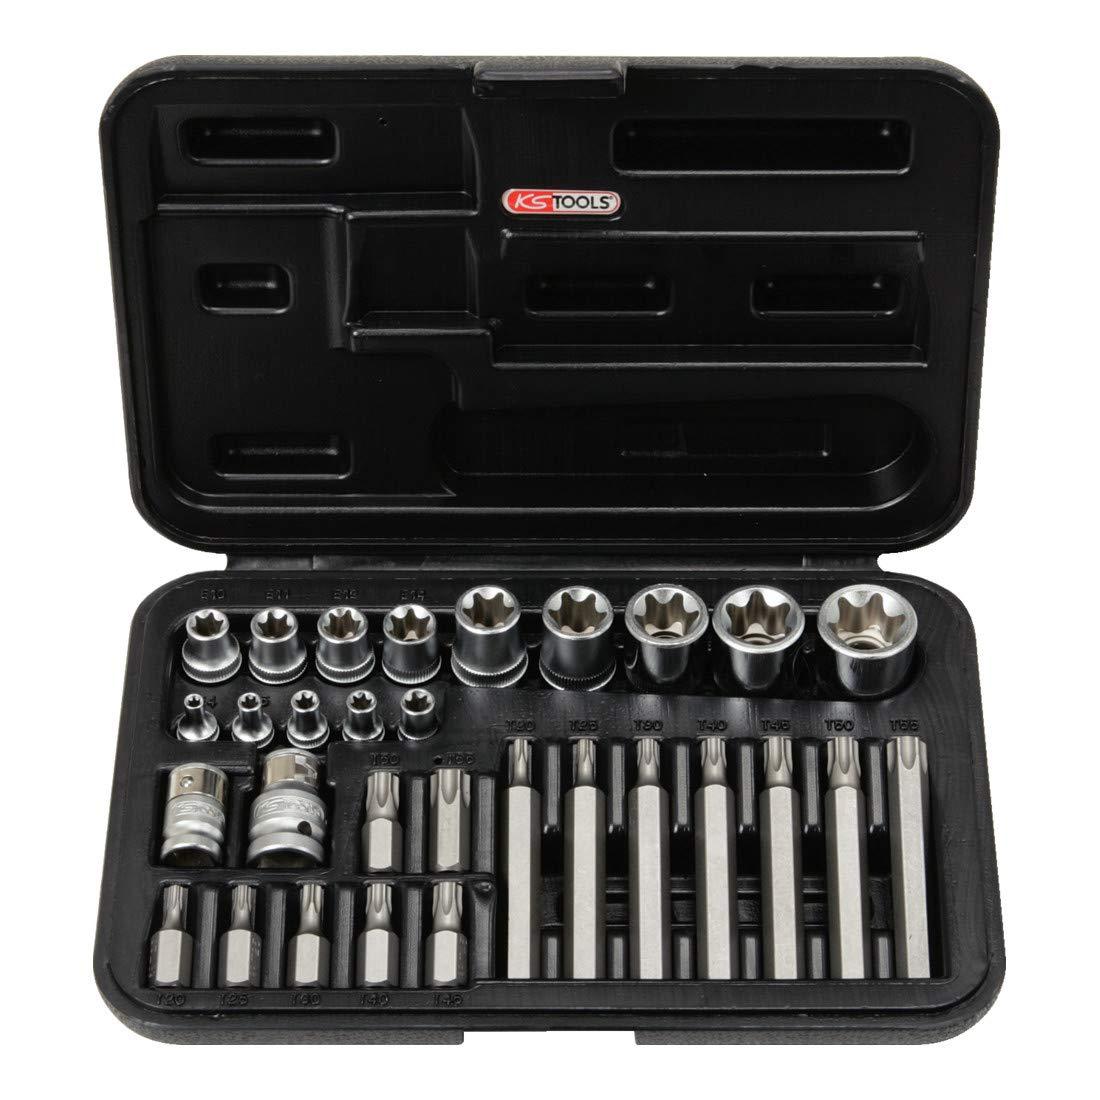 KS TOOLS 911.4301-2 Coffret de douilles et d'embouts KS, 14 TORX percé , 30 mm et 75 mm, 30 piè ces 14 TORX percé 30 pièces 4042146053300